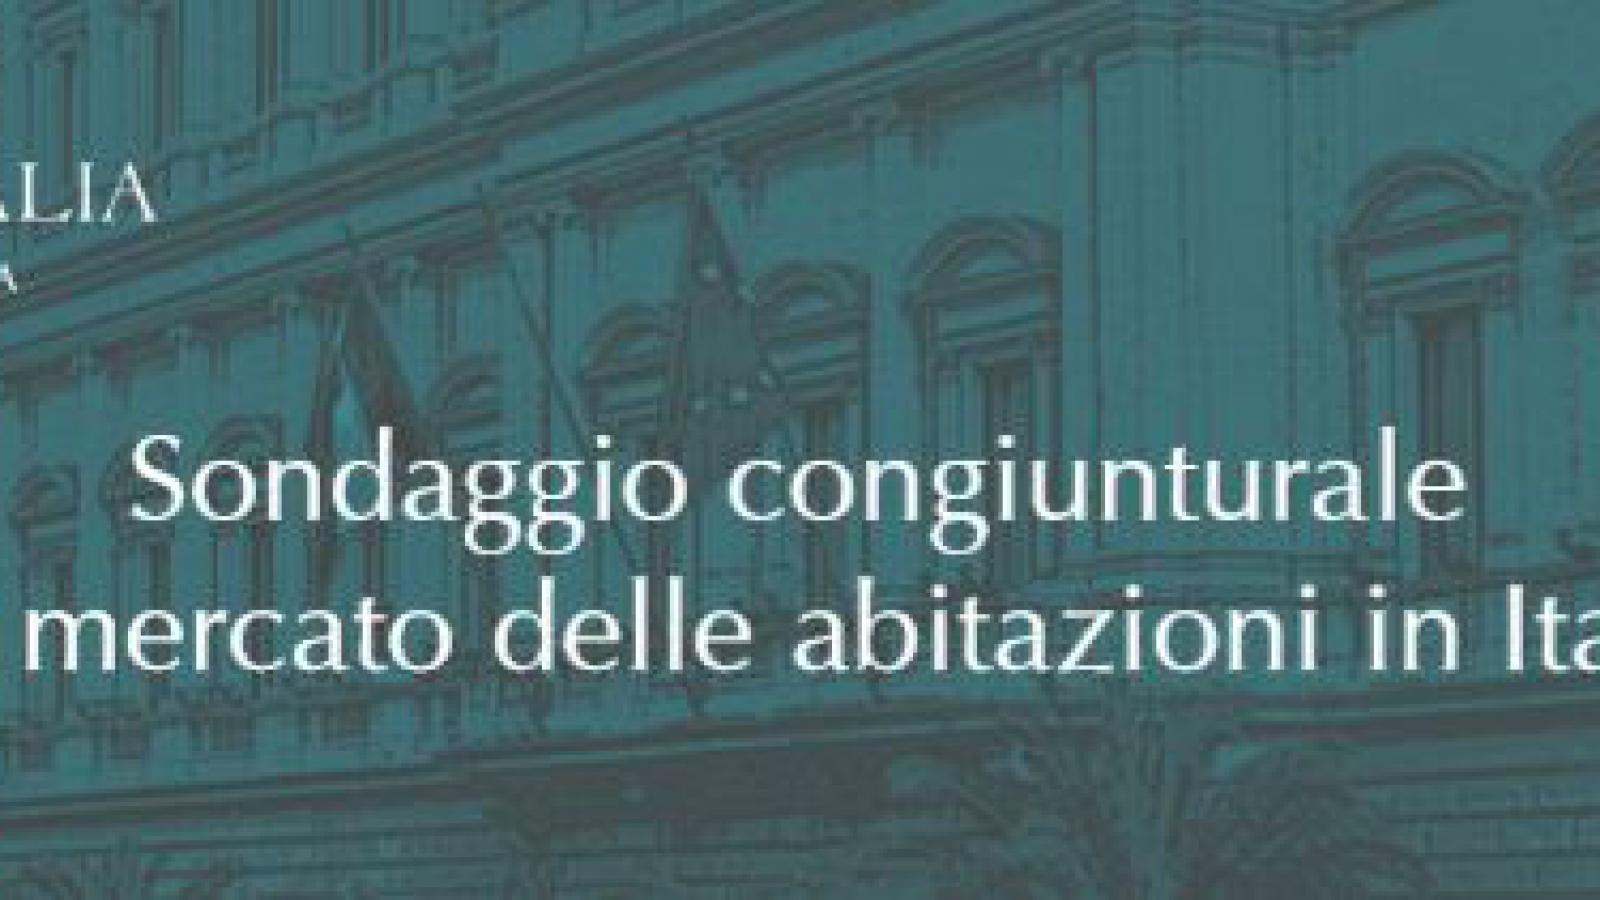 Sondaggio Bankitalia